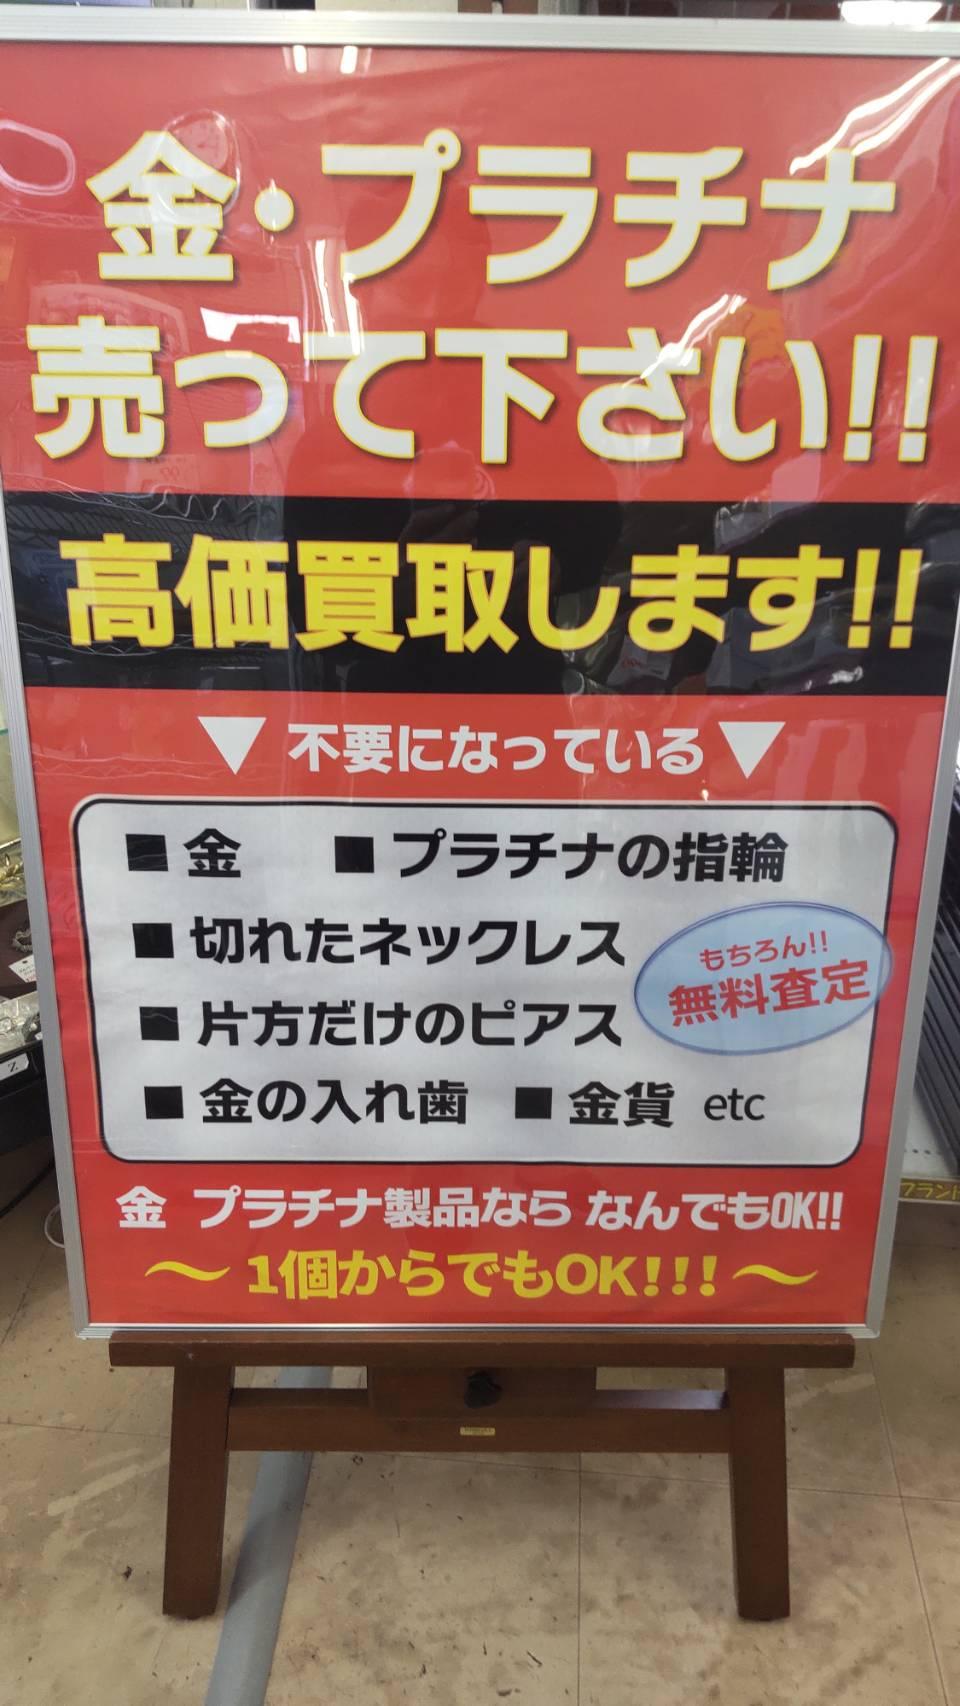 【高騰中】2月に入っても金相場高騰中です♪売るなら今!!